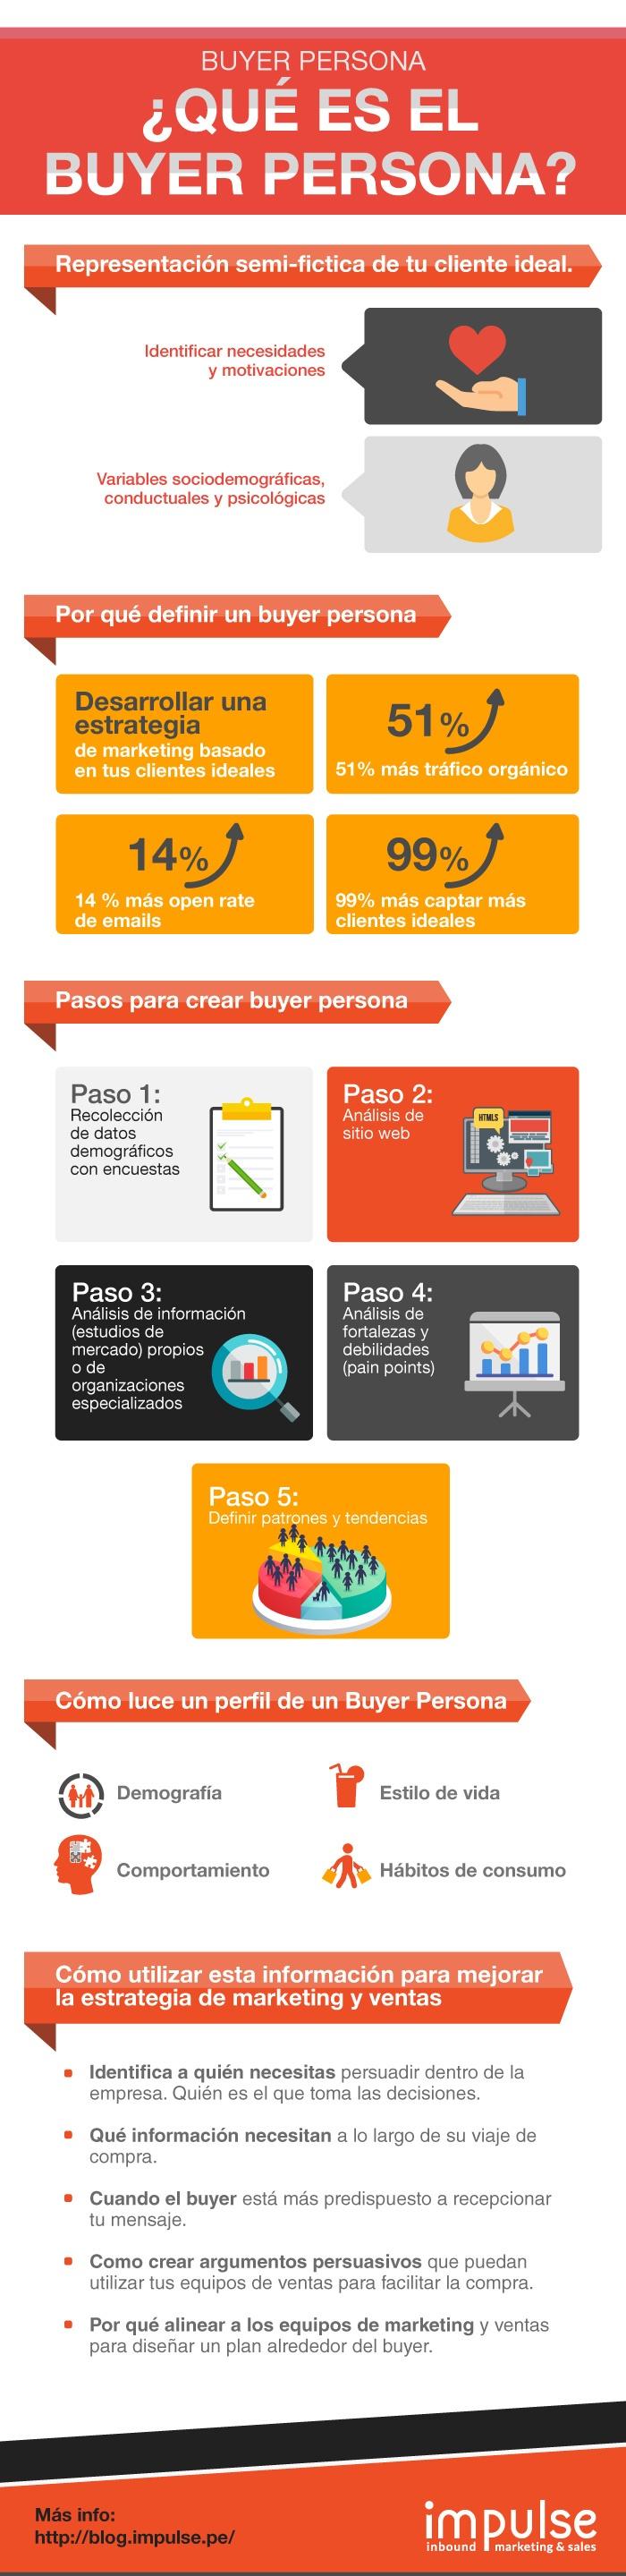 infografia-buyer-persona-que-es-como-crearlo.jpg